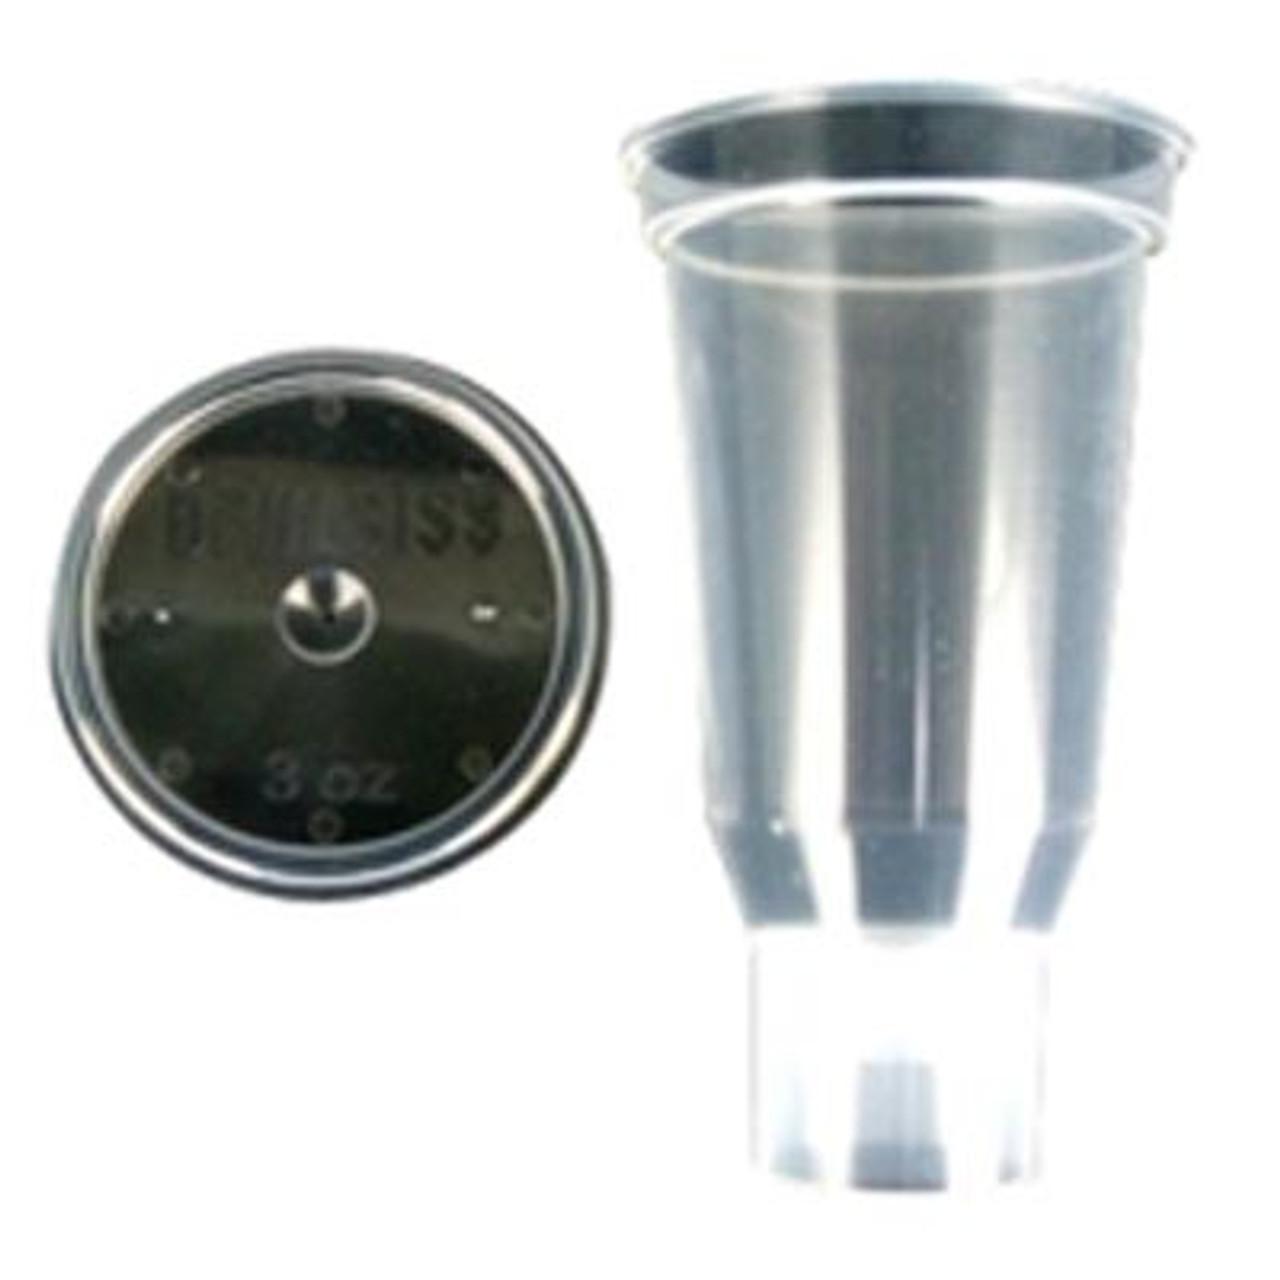 DeVILBISS DPC-503-K24 3oz Disposable Cups 24pk